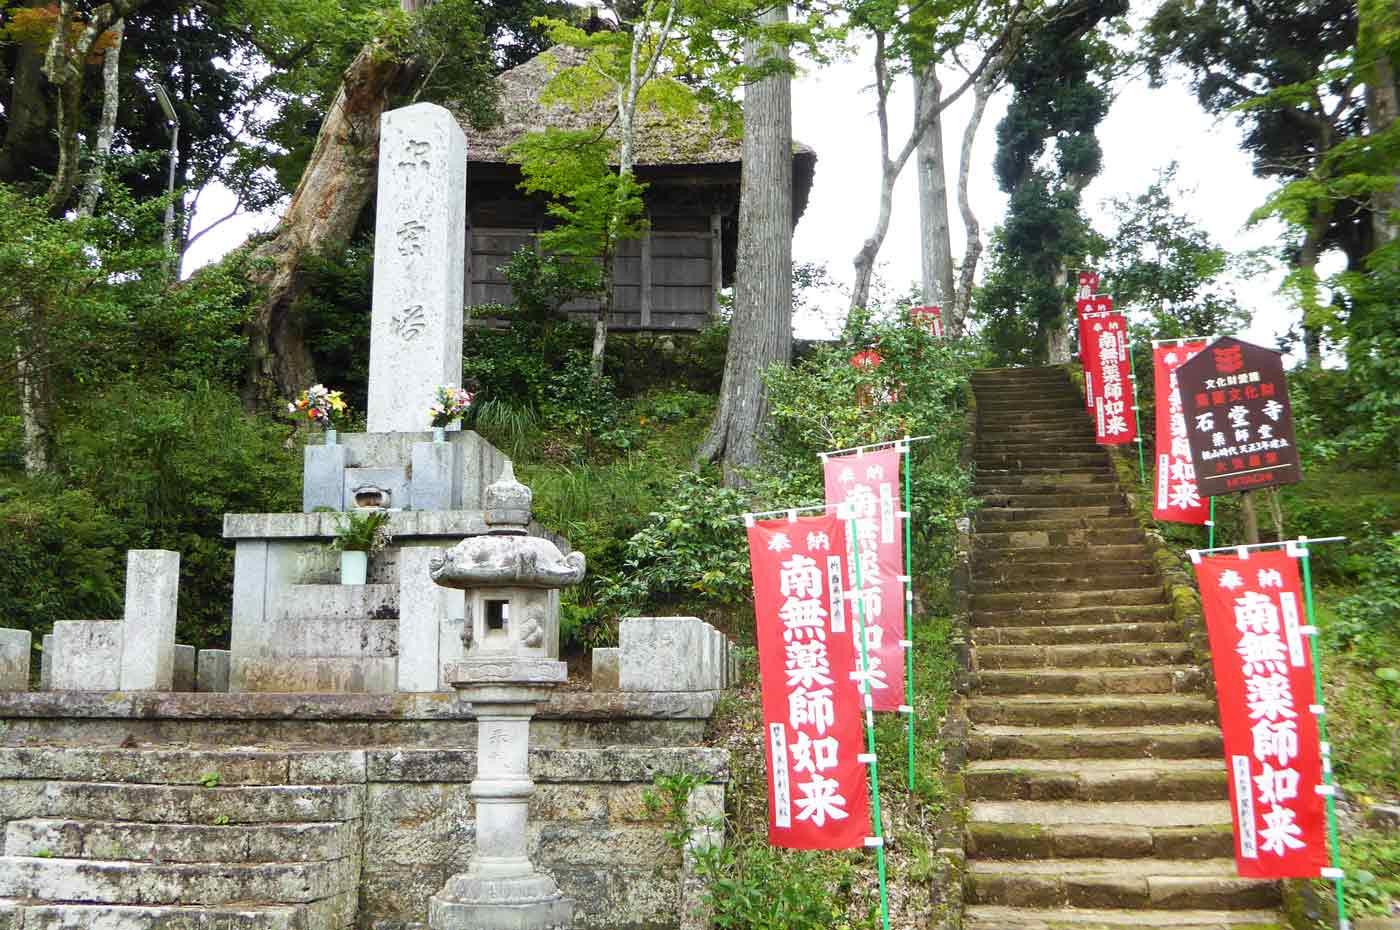 石堂寺の薬師堂の全景